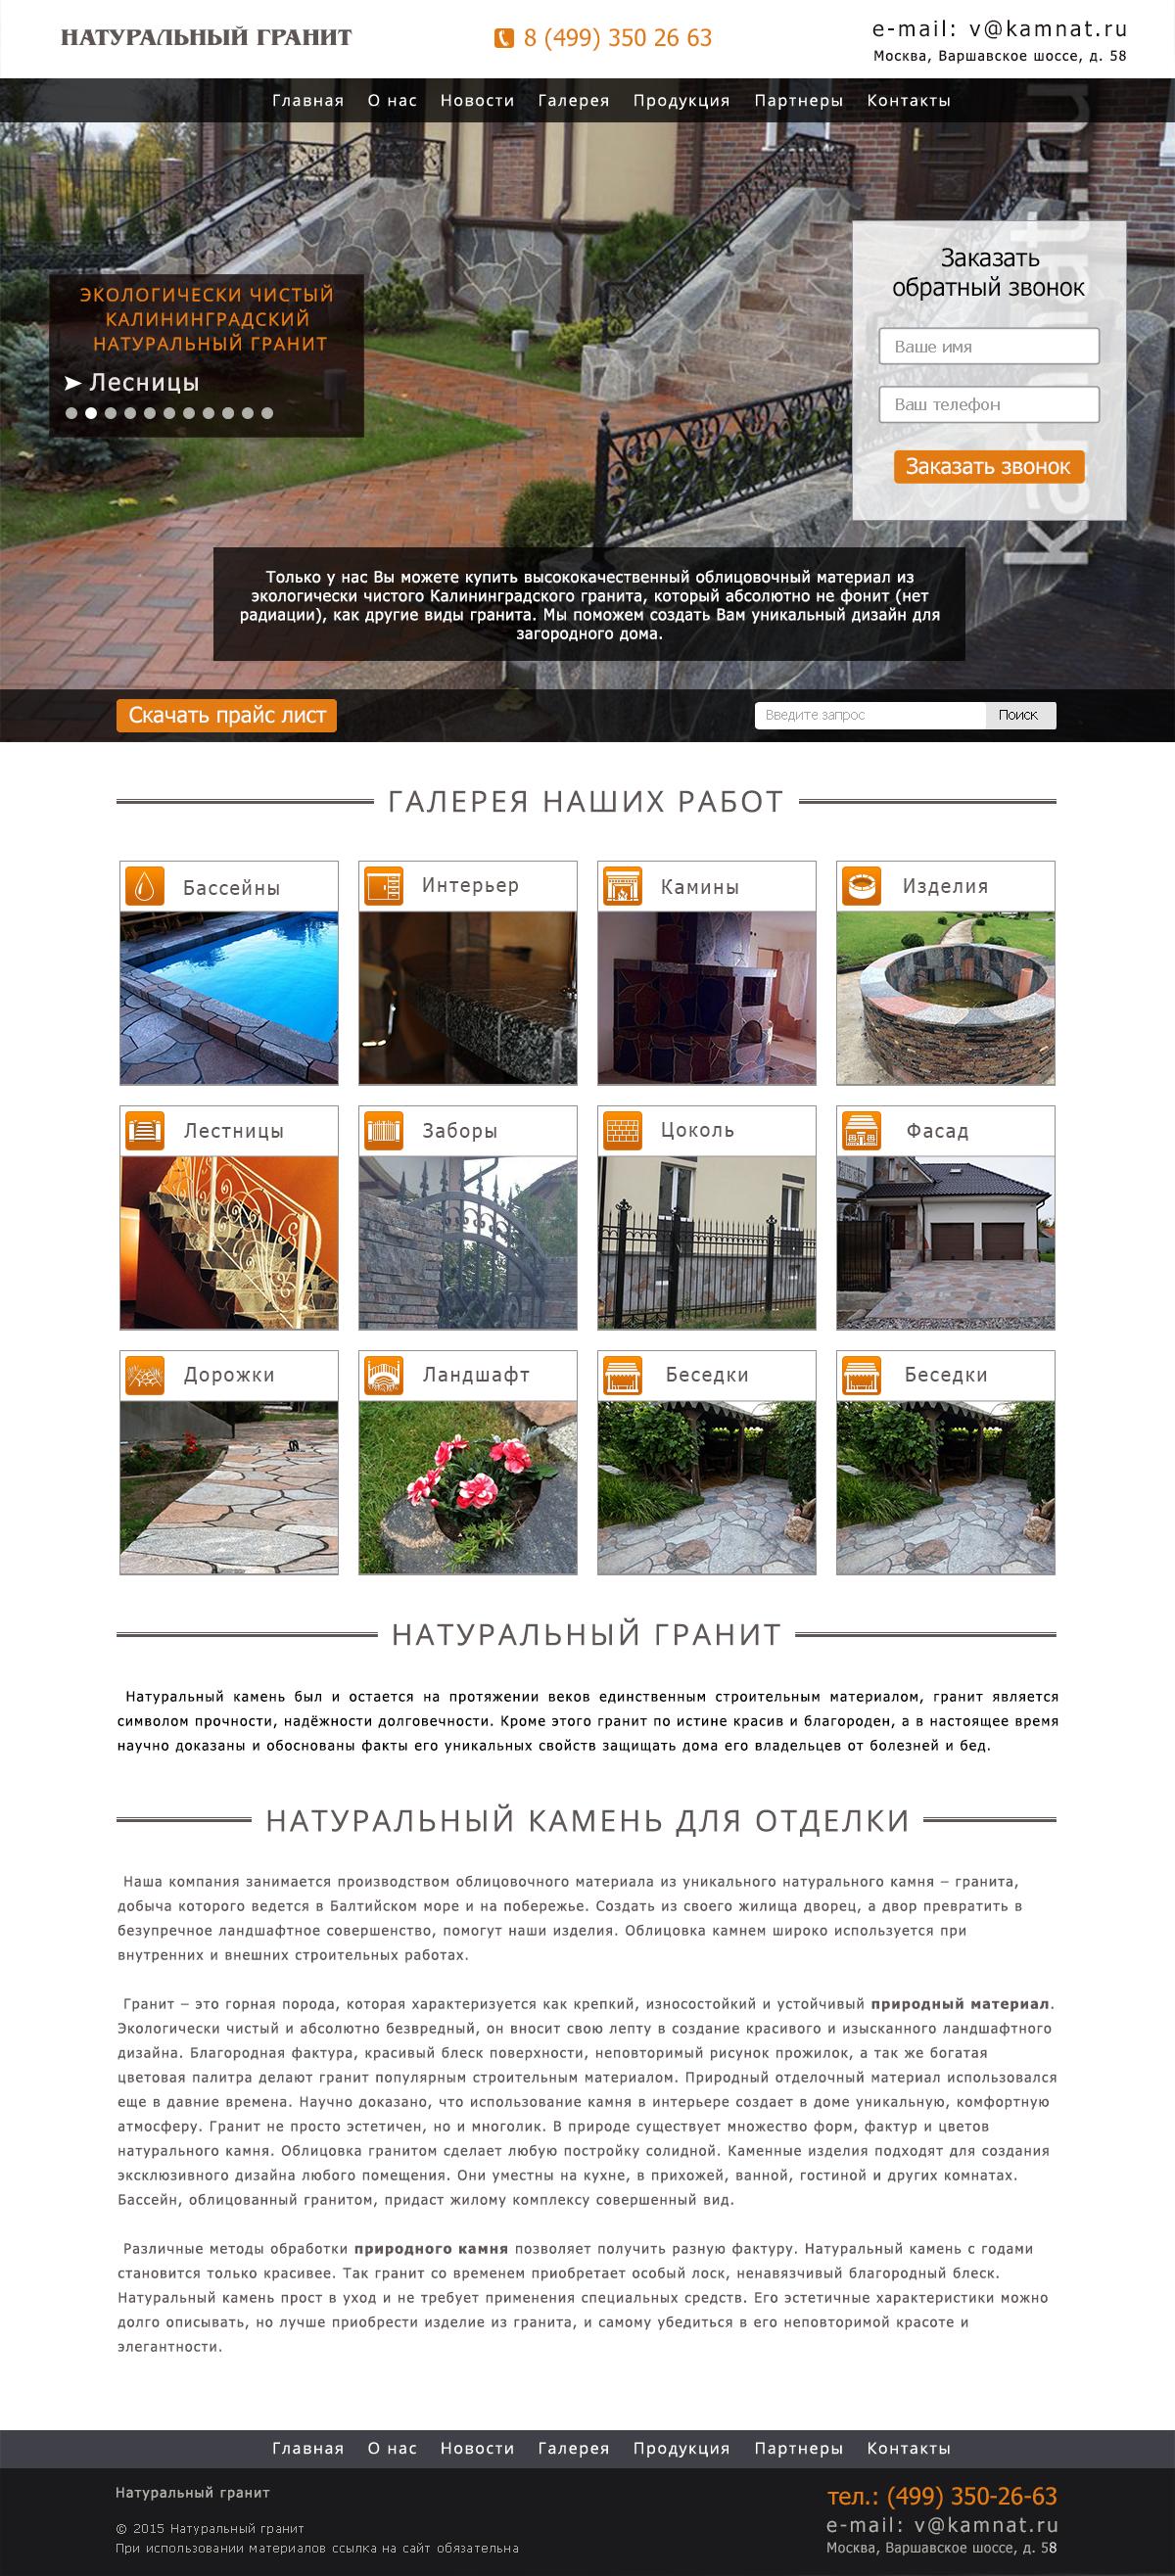 Дизайн сайта в виде Landing Page. Натуральный гранит